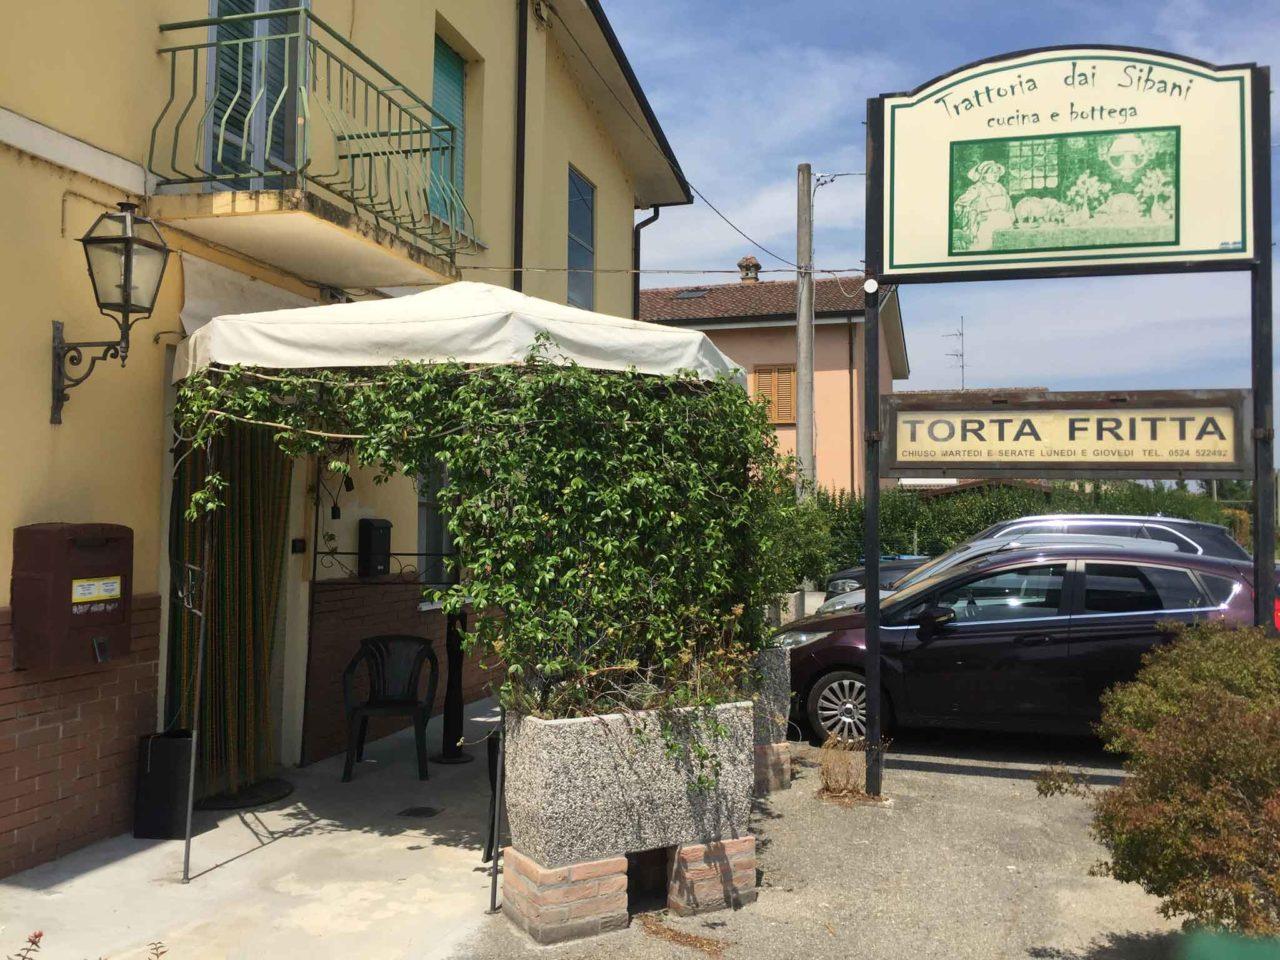 Trattoria dai Sibani a Chiusa Ferranda, Fidenza: l'ingresso preceduto da un piccolo portico e l'insegna con la scritta torta fritta